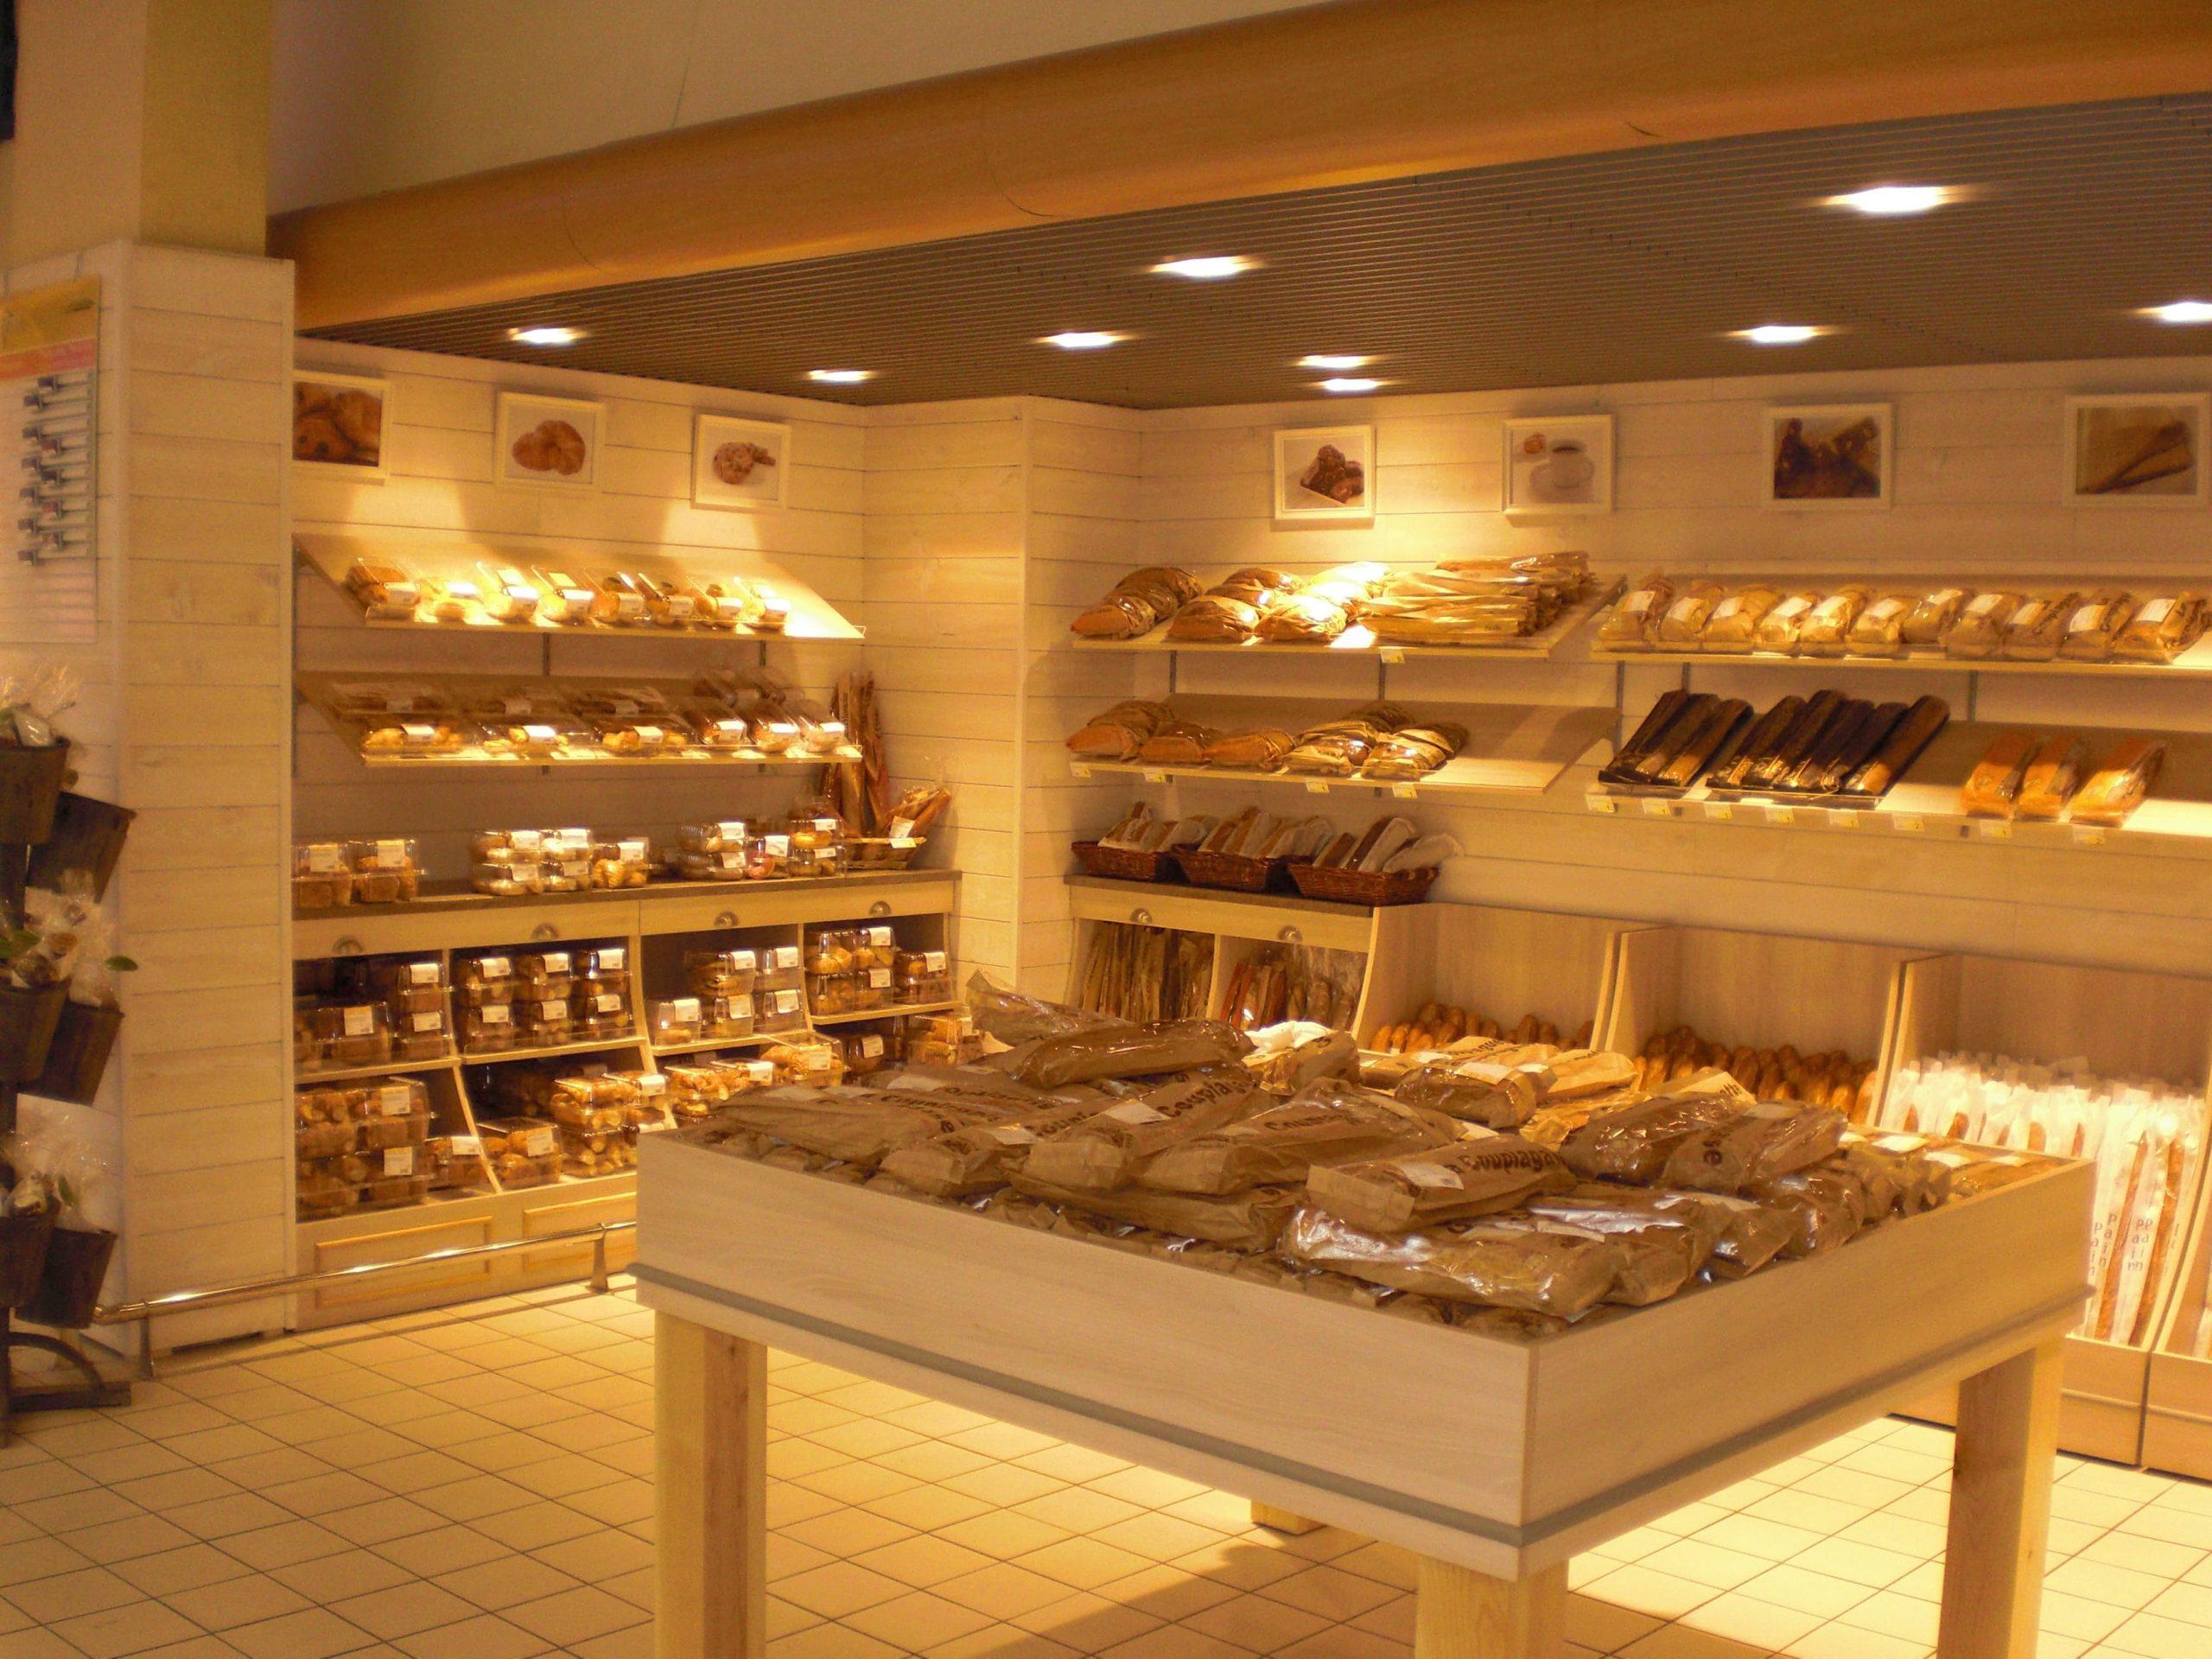 Espace boulangerie du Leclerc de Villemur-sur-Tarn agencé par SAFRA Agencement